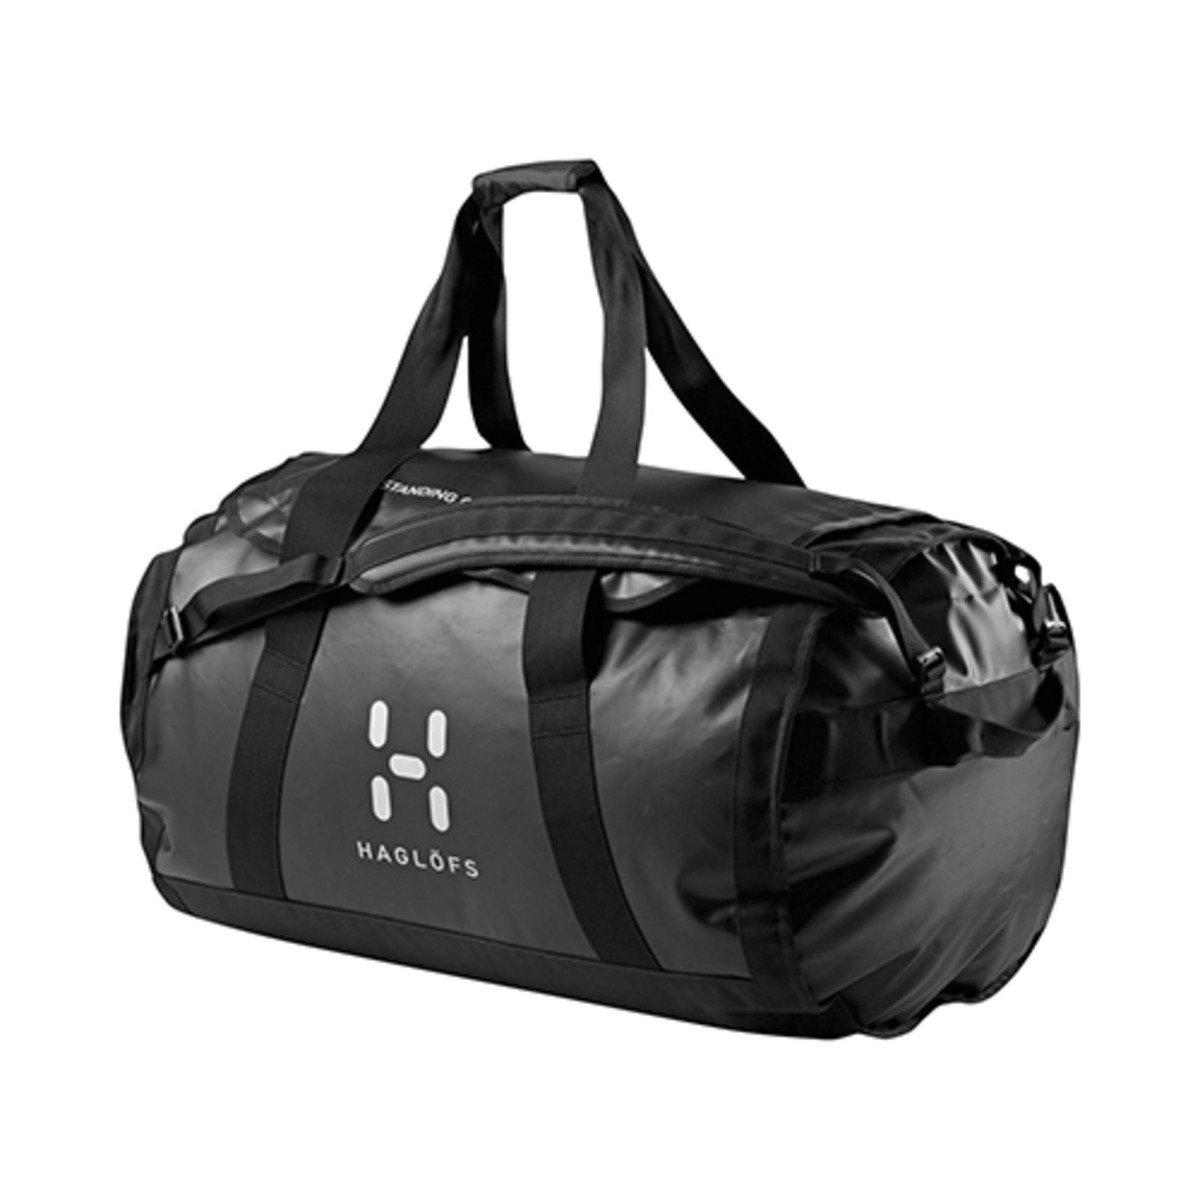 Lava 30 - 2 合1 旅行袋